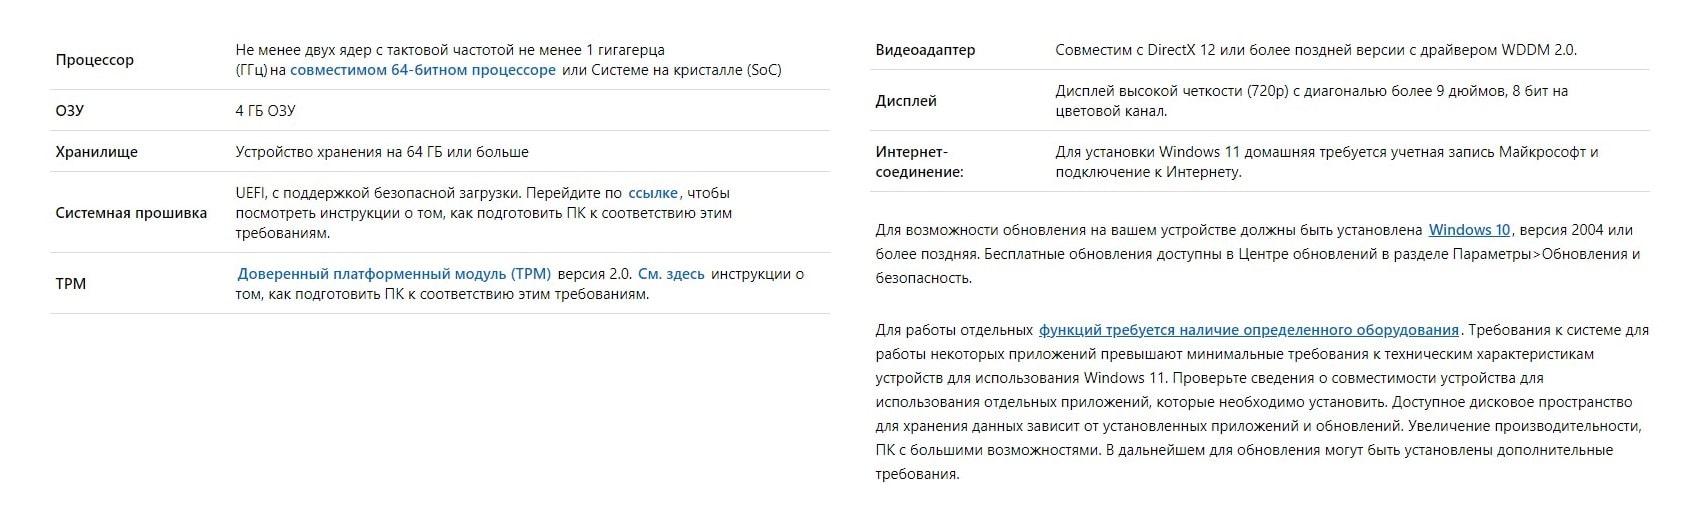 минимальные системные требования Windows 11